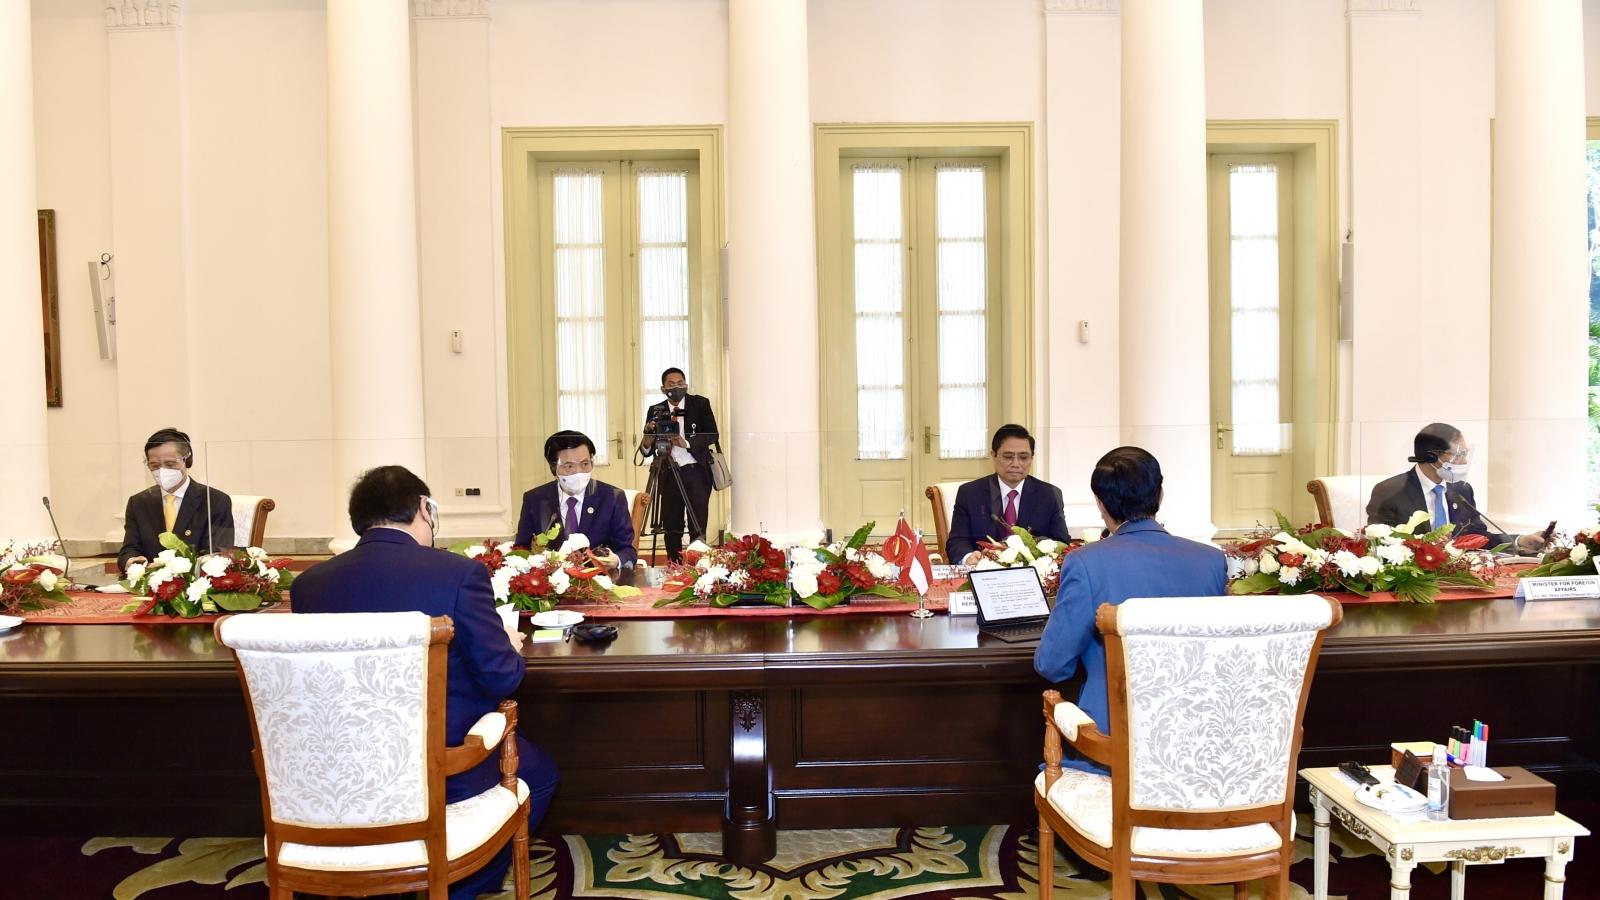 Hội nghị lãnh đạo ASEAN: Tổng thống Indonesia kêu gọi Myanmar chấm dứt bạo lực